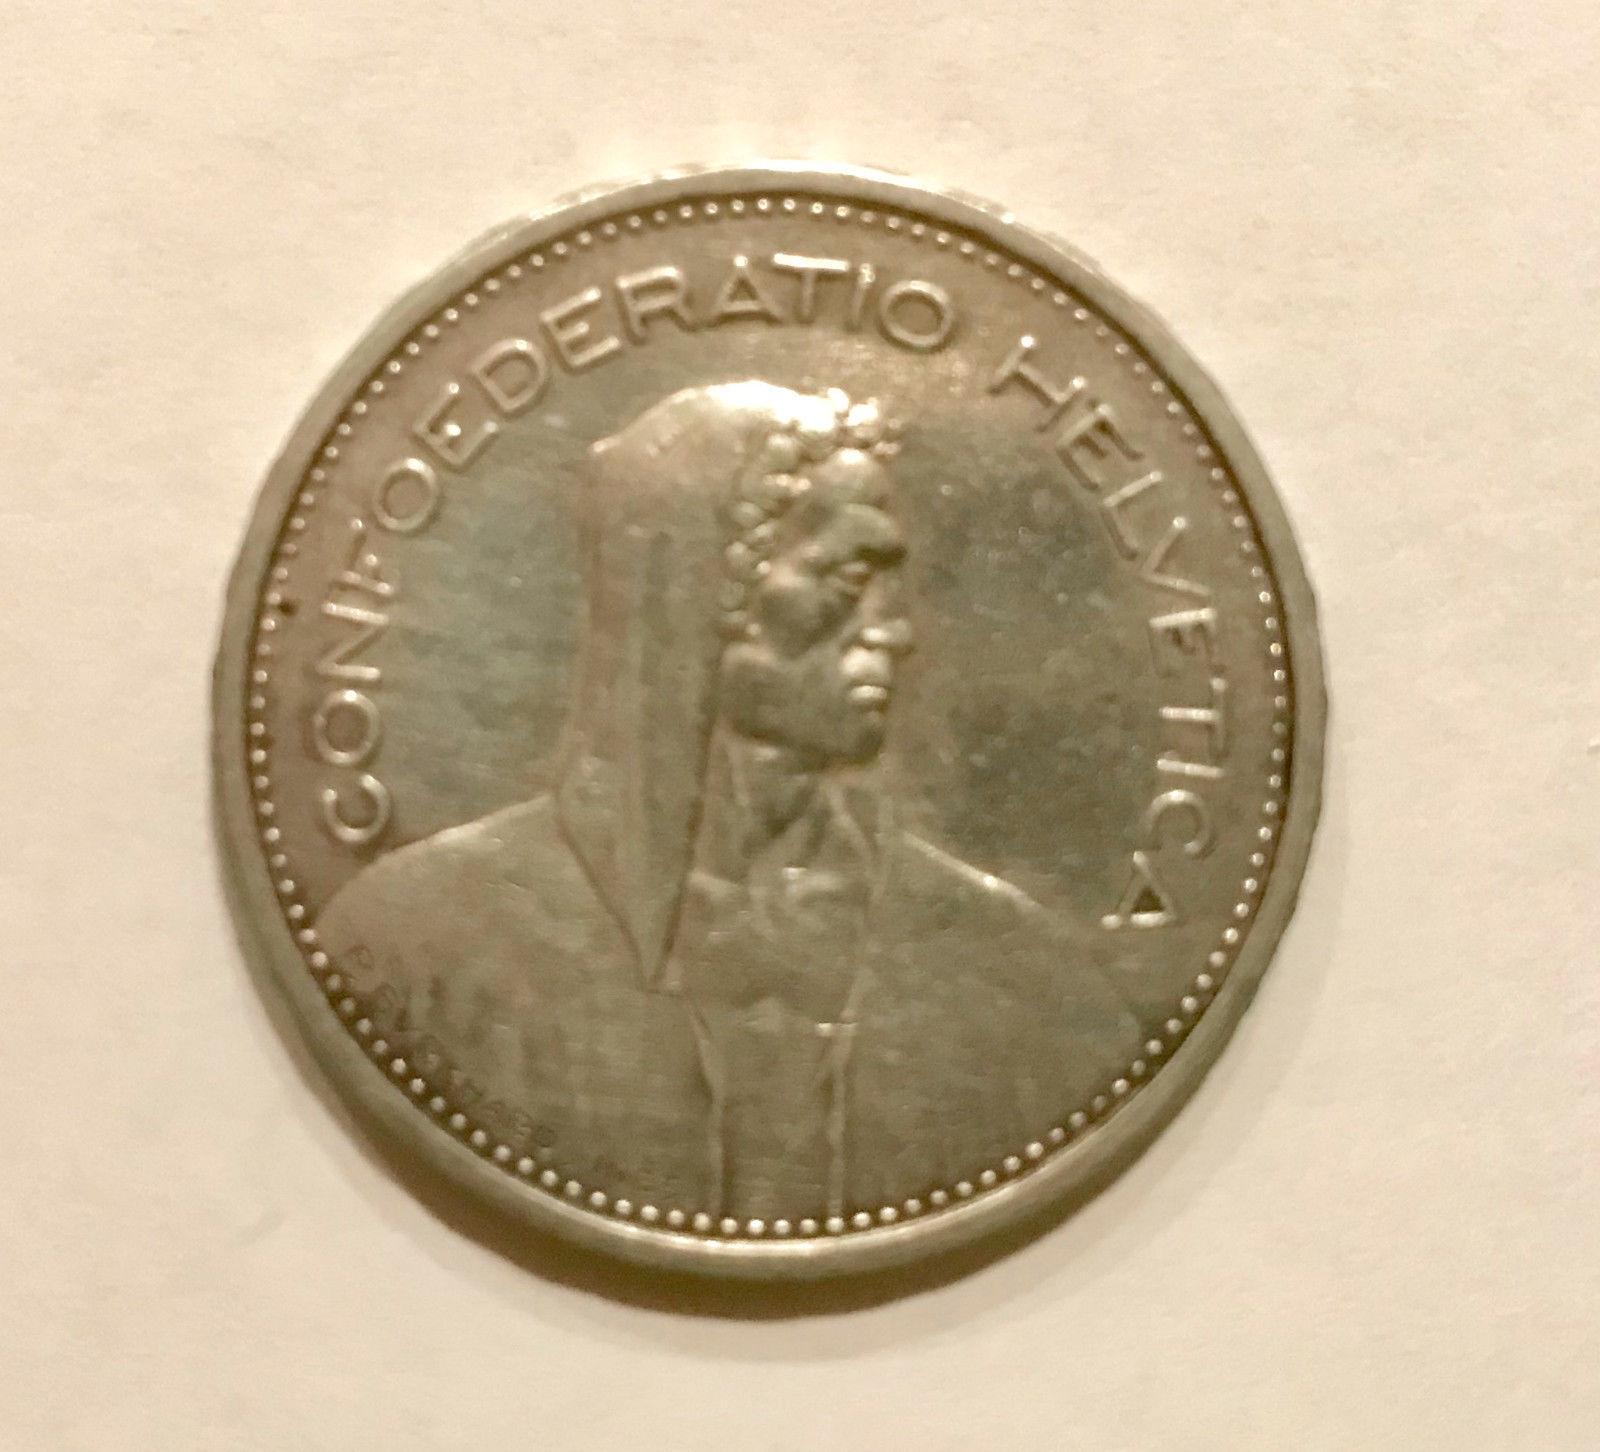 1932 swiss 5 franc coin